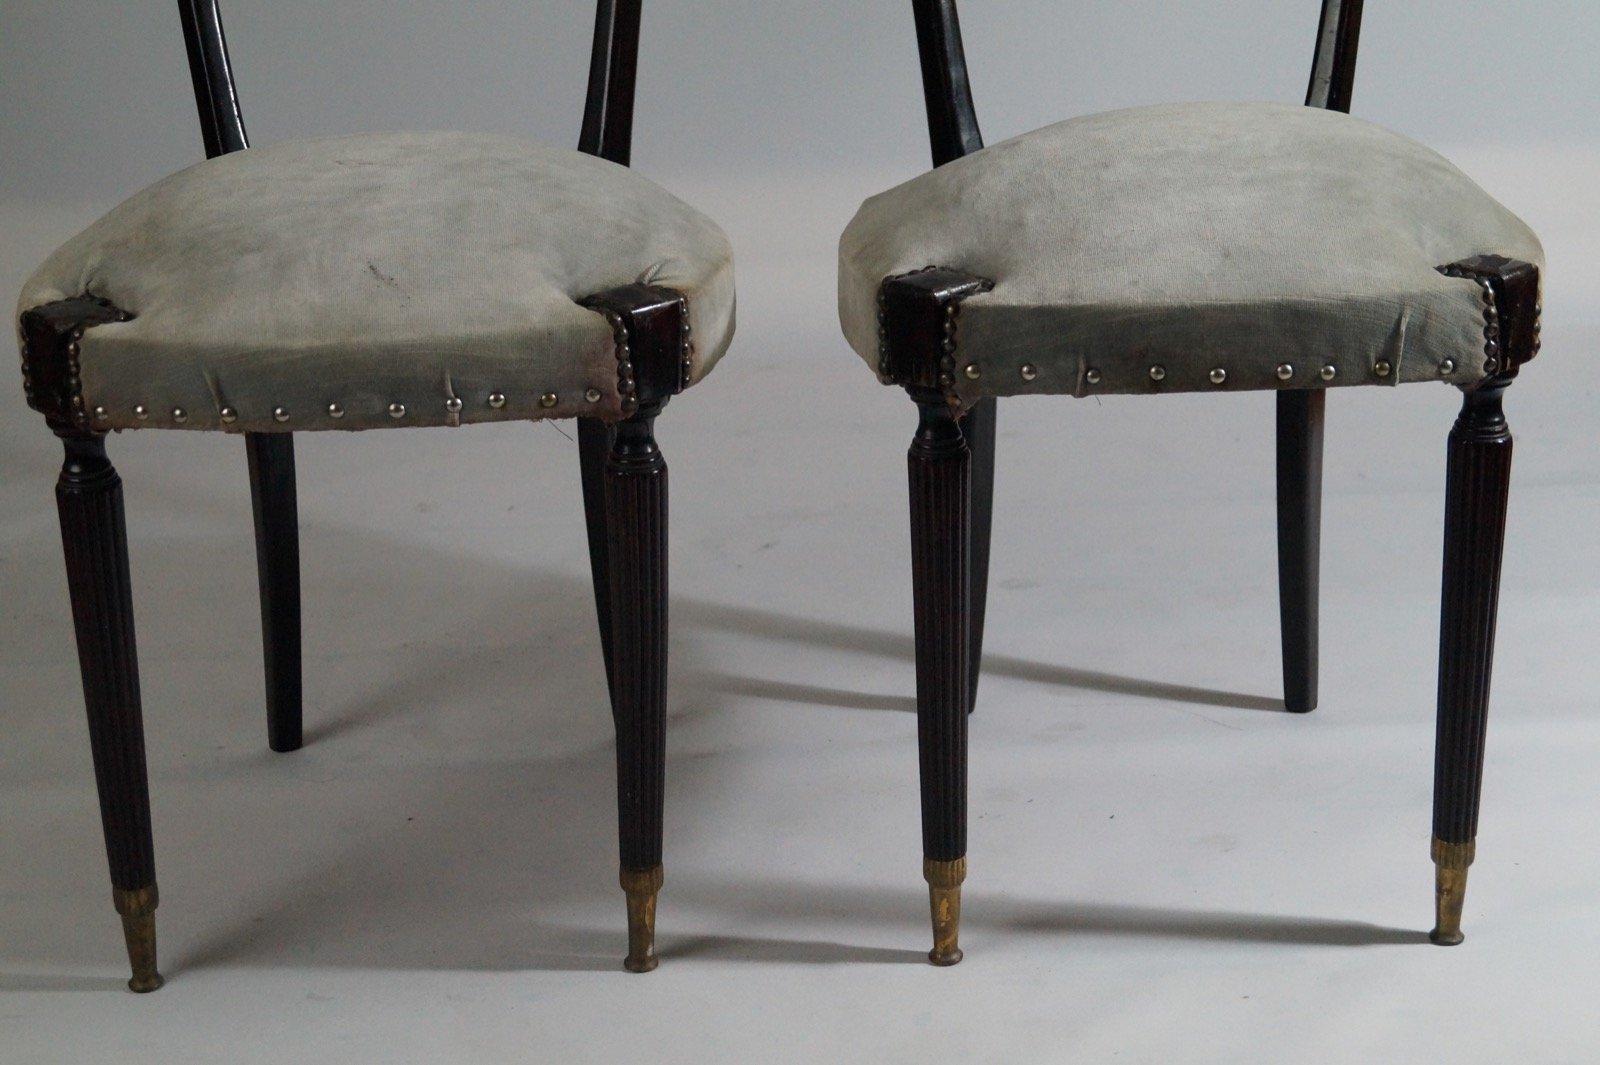 moderne schwarze st hle mit hohen r ckenlehnen von paolo buffa 1950er 2er set bei pamono kaufen. Black Bedroom Furniture Sets. Home Design Ideas